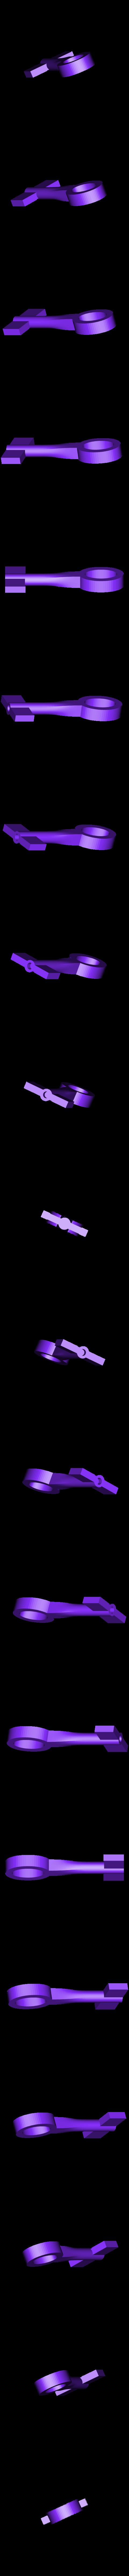 RM_Key.stl Download free STL file Houdini's Russian Manacle • 3D printable design, Snorri